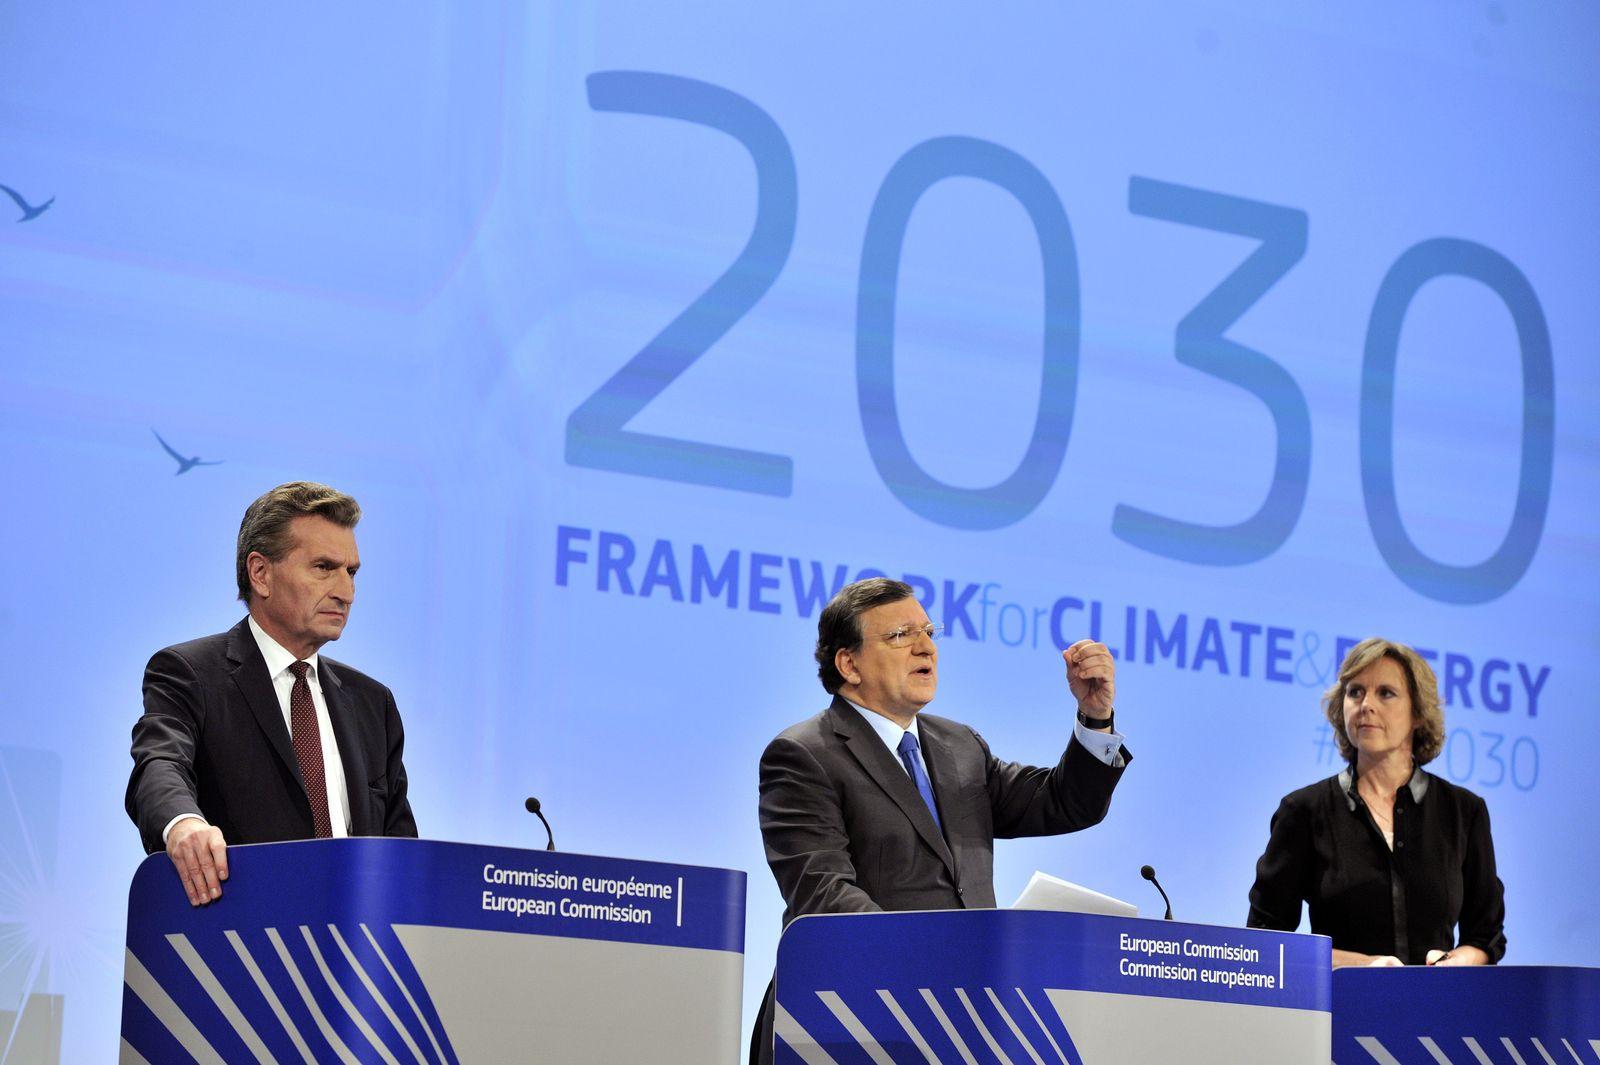 Hedegaard / Oettinger / Barroso